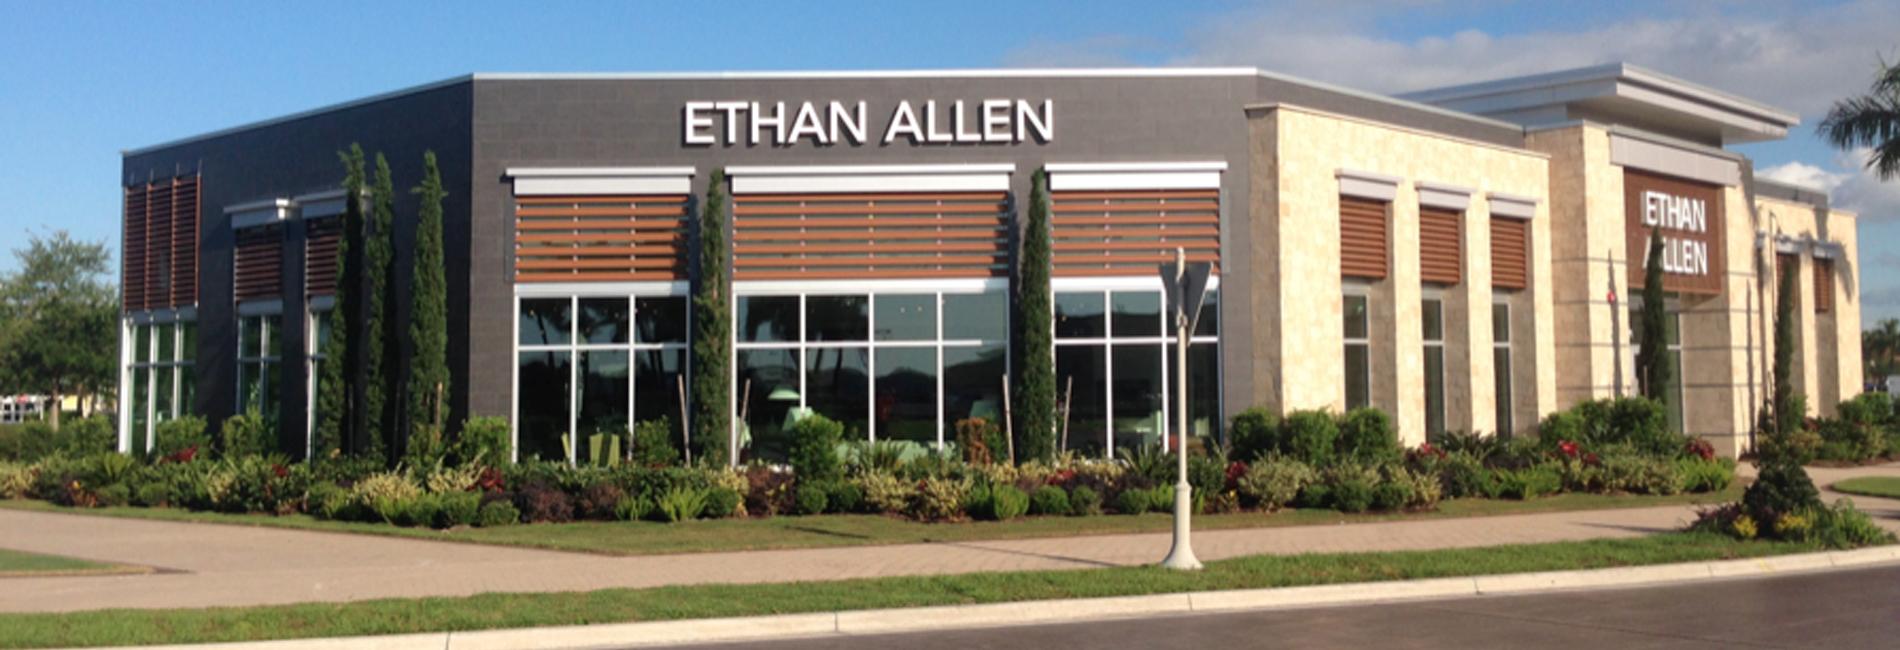 Ethan Allen Le